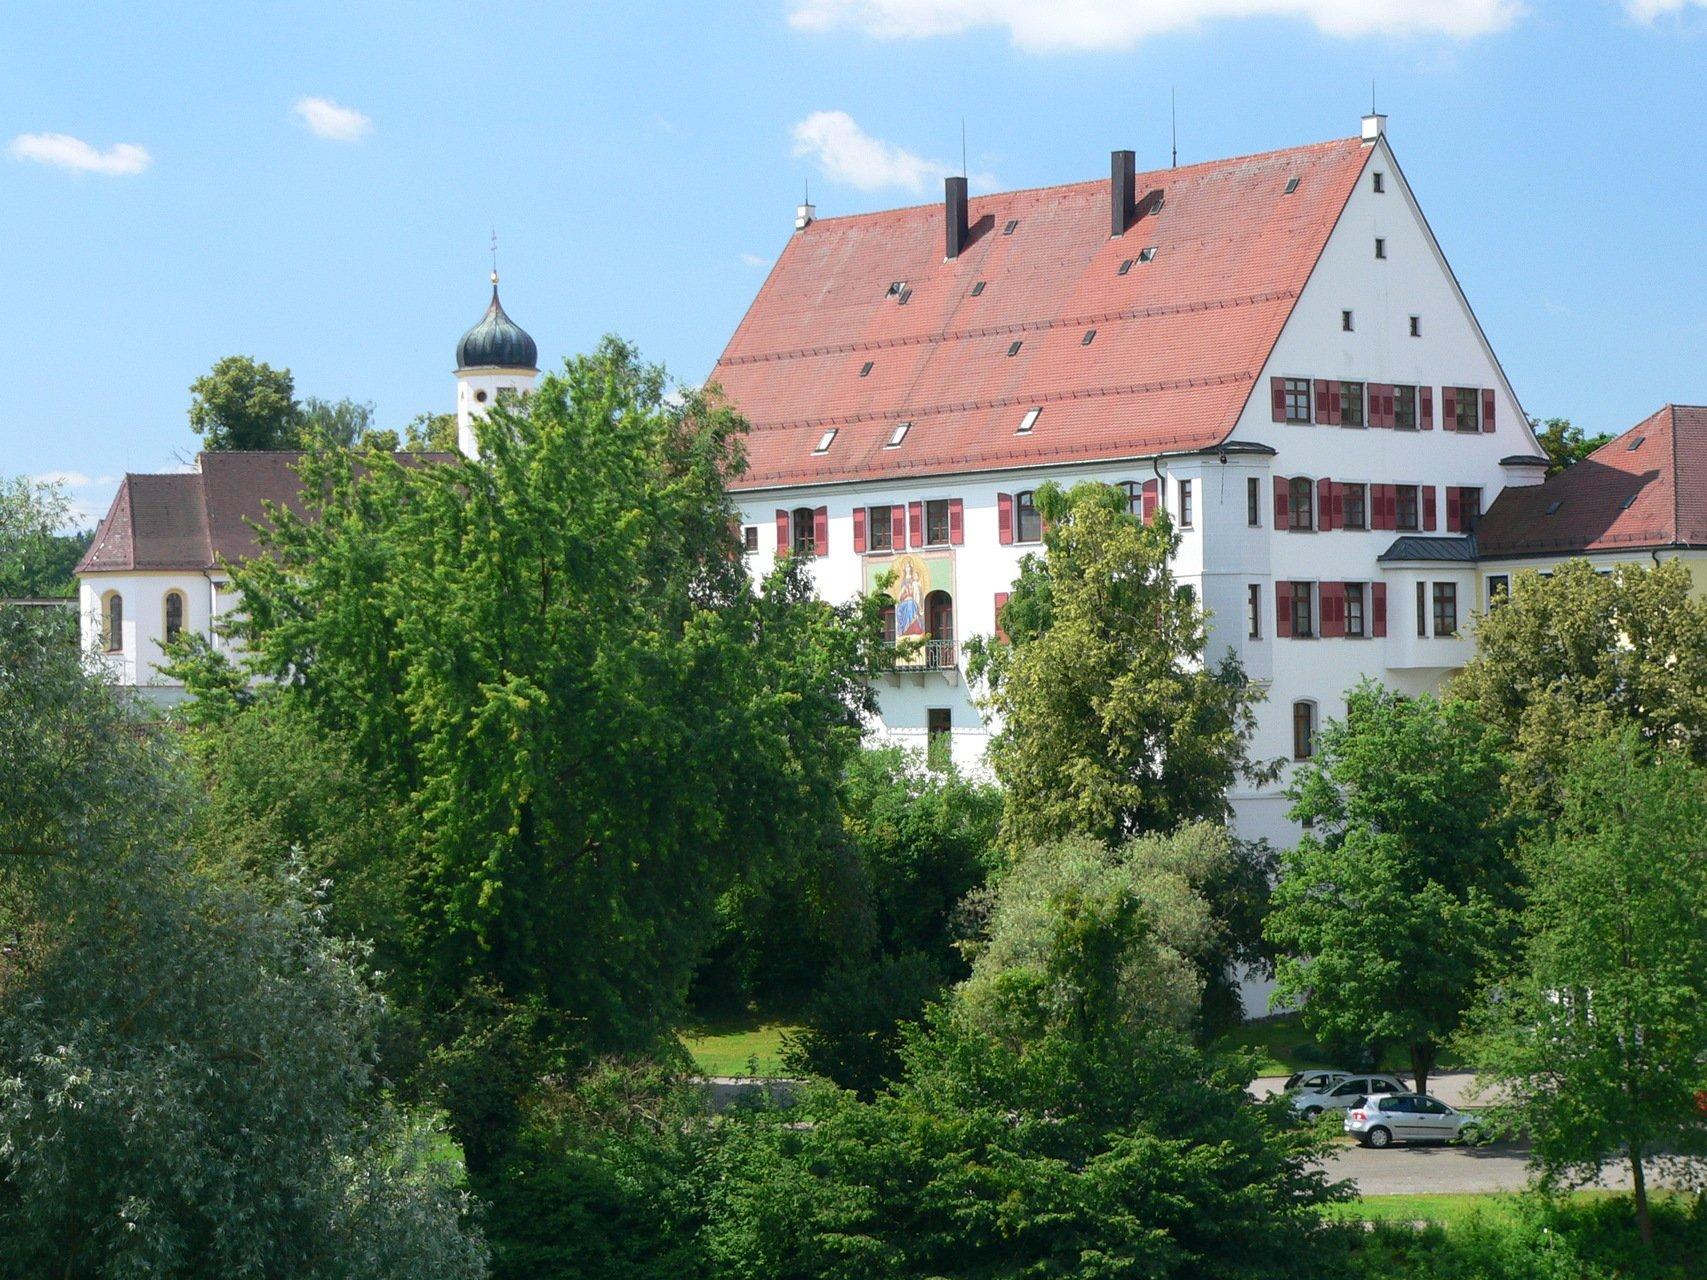 Ein großes Haus mit roten Fensterläden und einem gemalten Bild auf der Hausfassade an der Seite am Balkon. Daneben ist eine Kirche. Ringsherum sind einige Bäume.